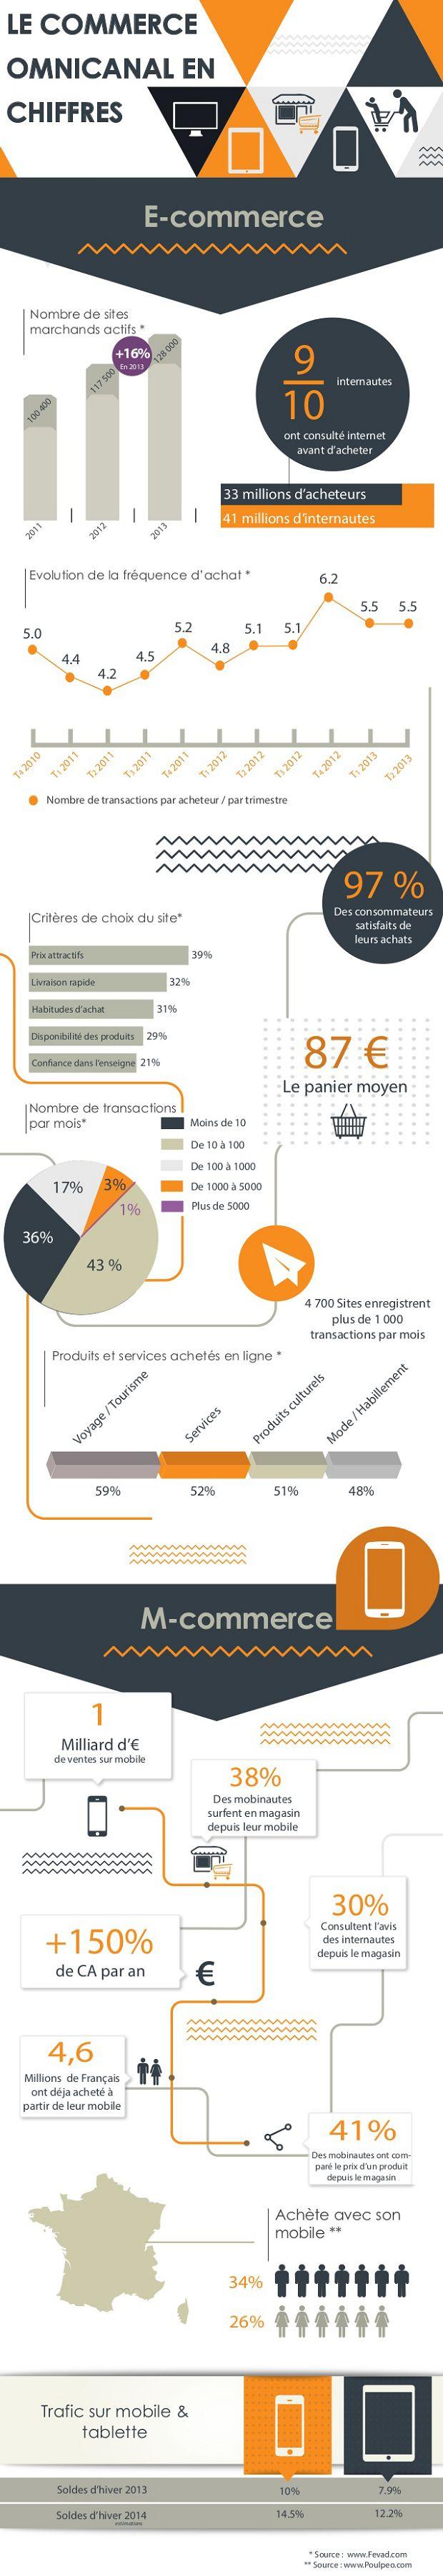 [Infographie] Le commerce omnicanal en chiffres